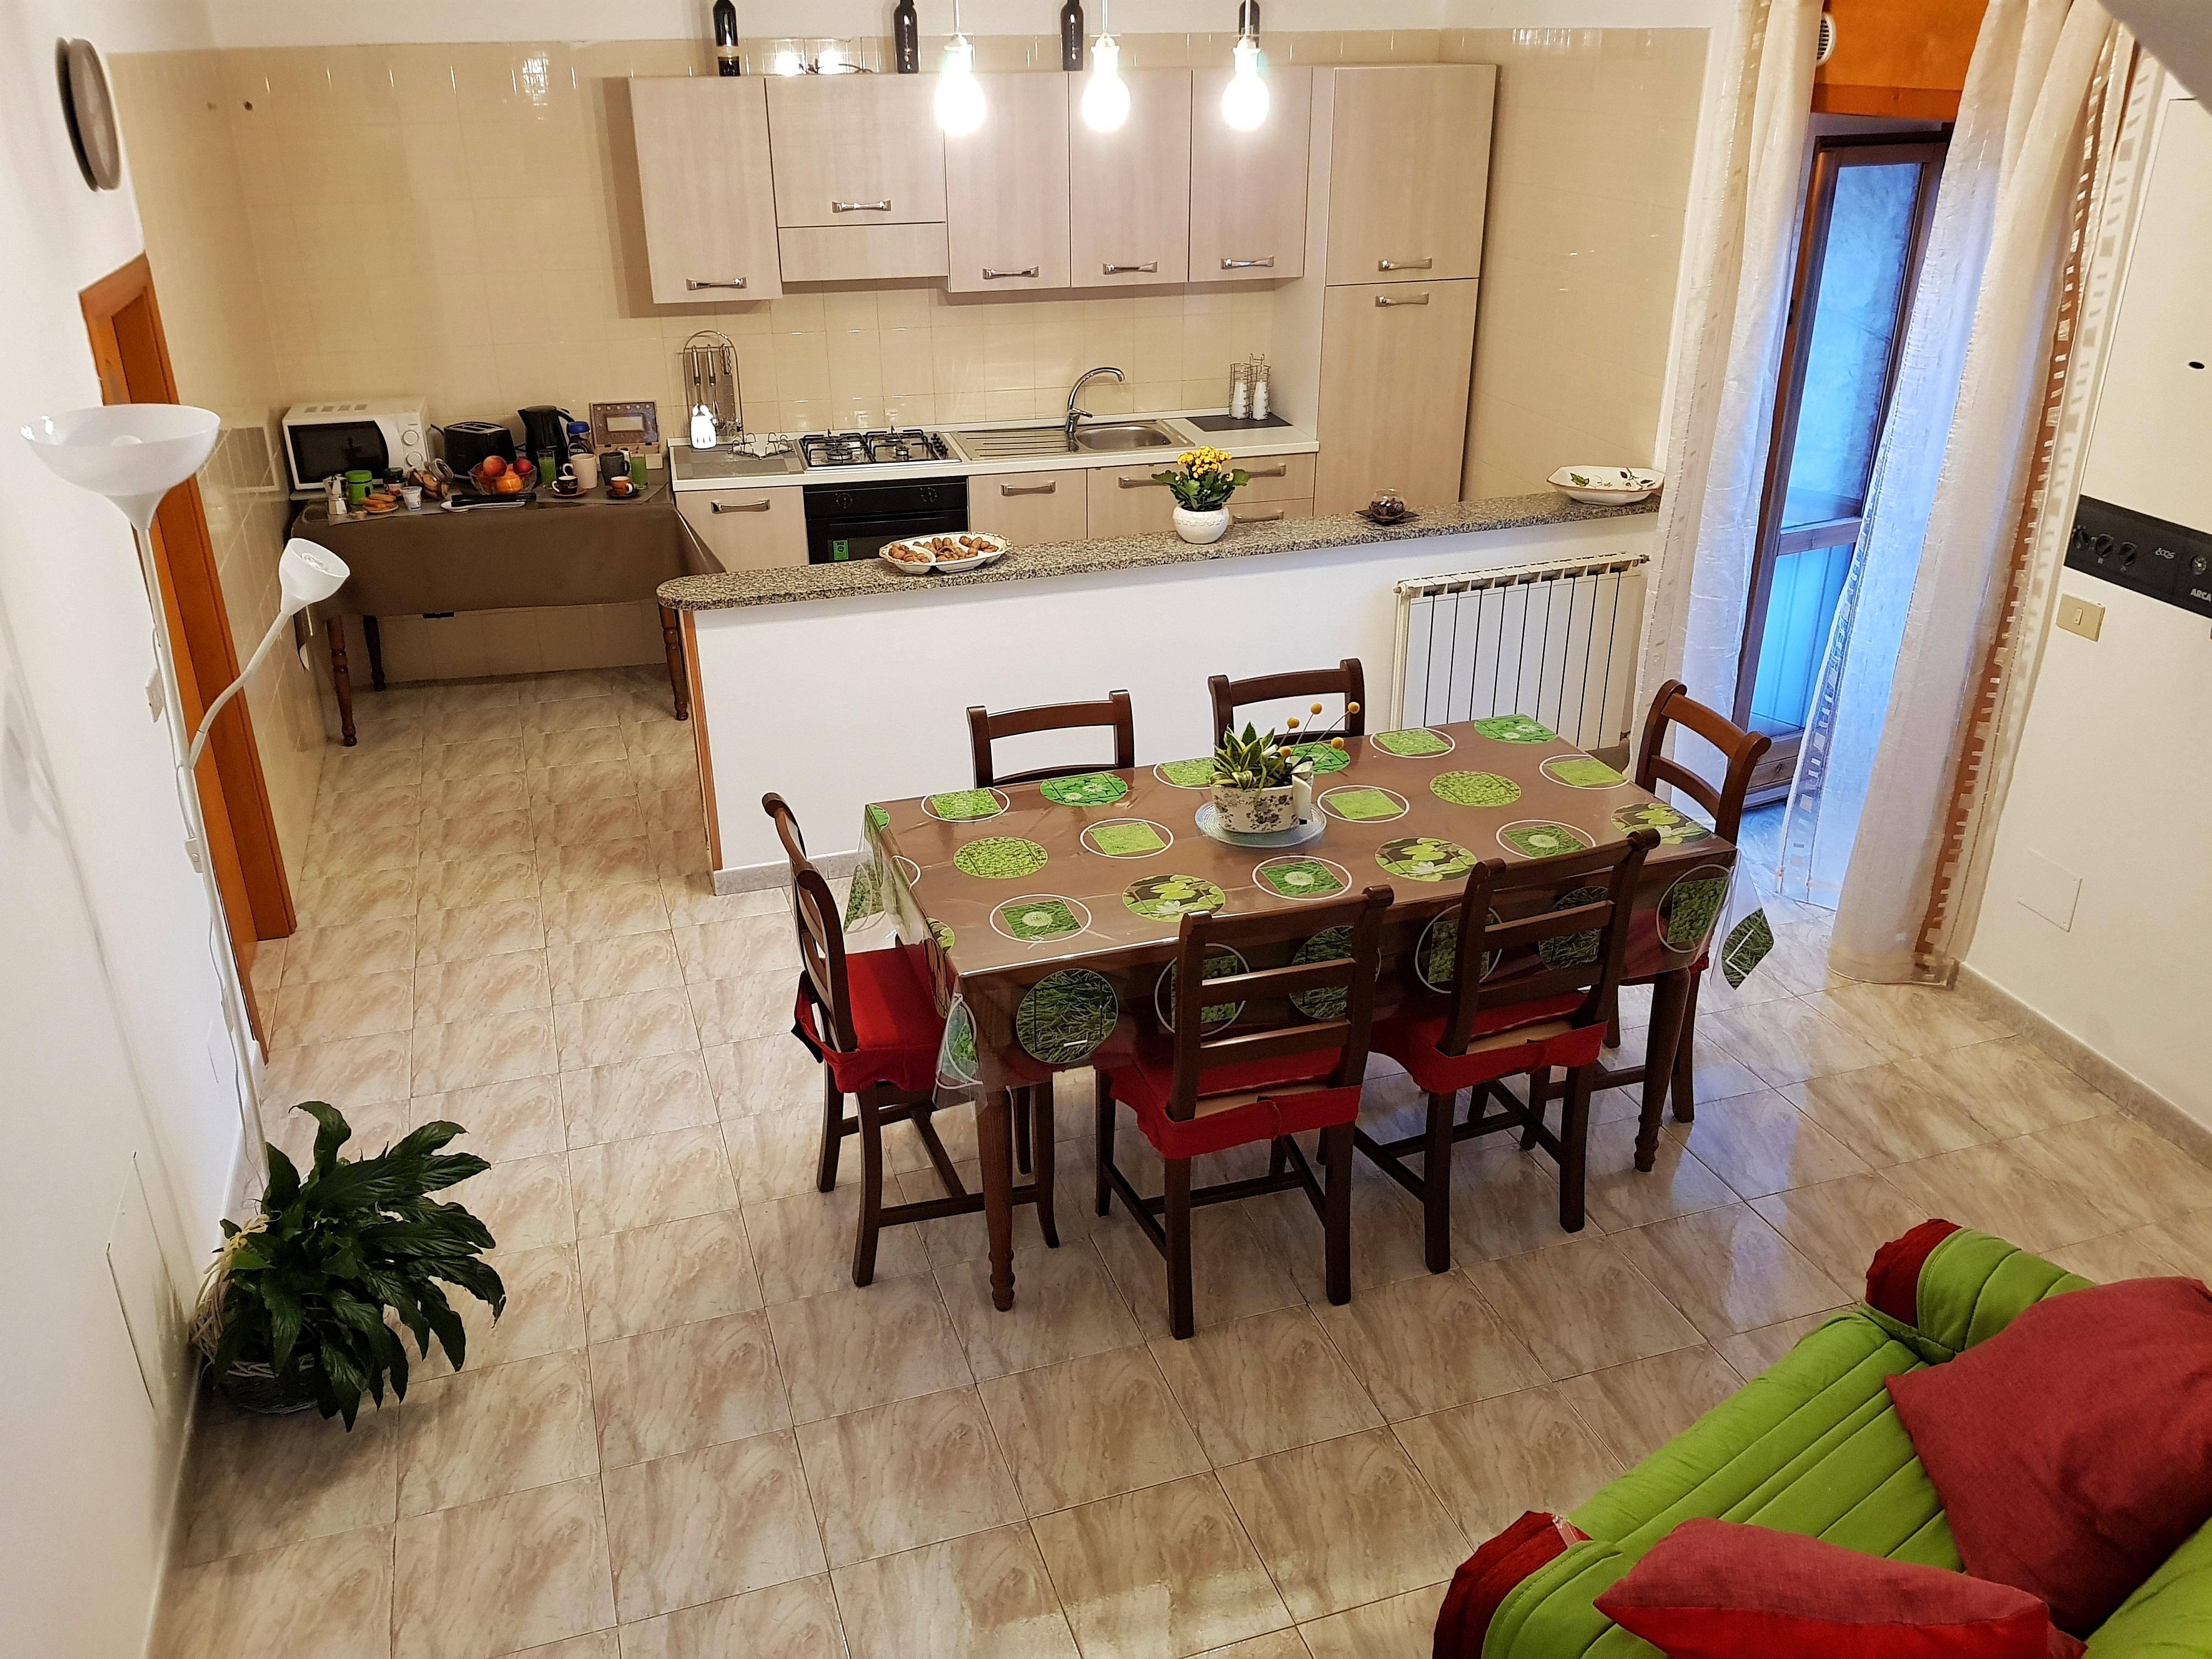 Chiudere Un Terrazzo In Muratura la cittadella apartment - houses for rent in contursi terme